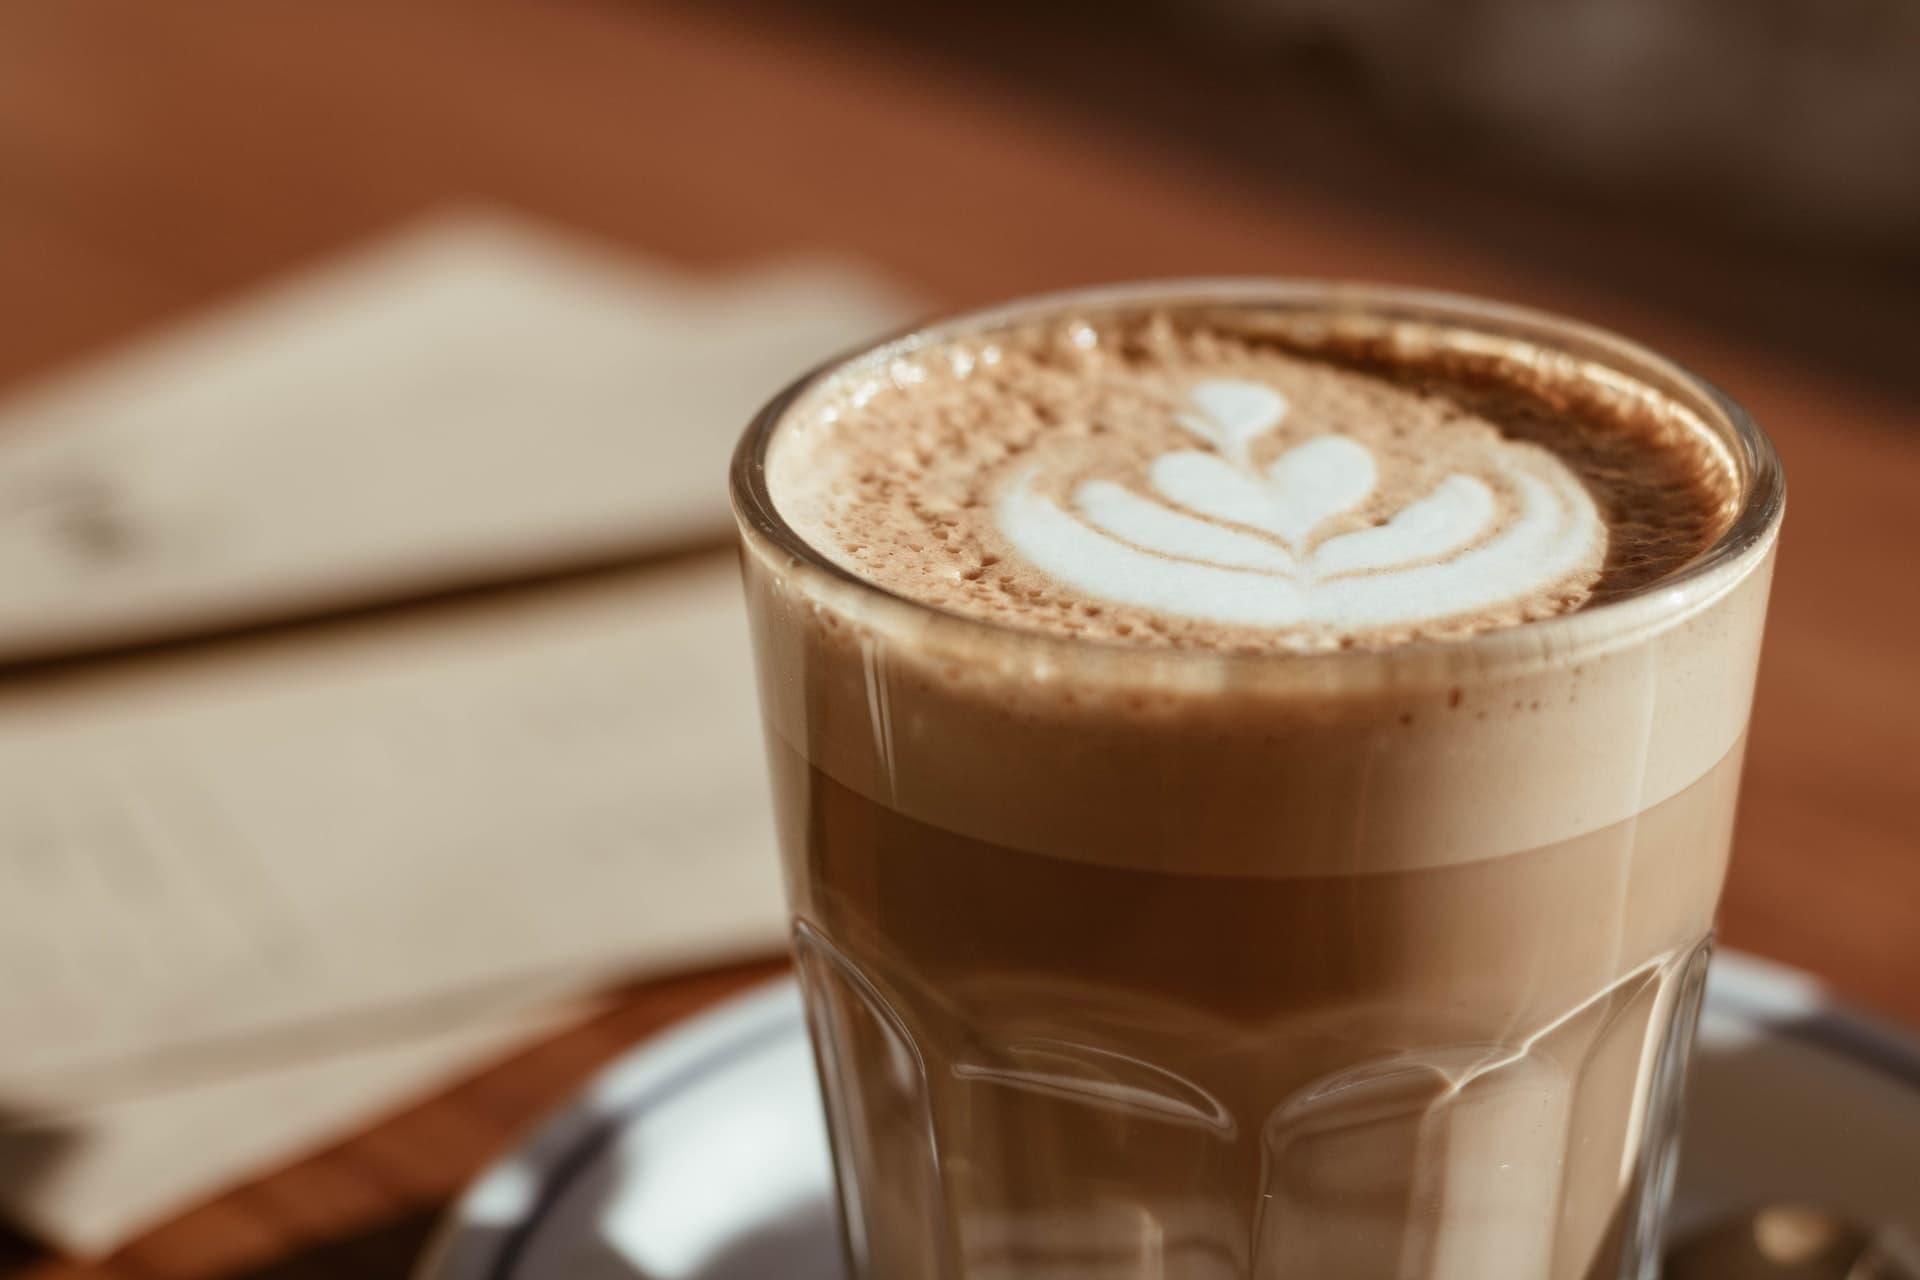 co to jest caffe latte jak zrobic i ile ma kalorii